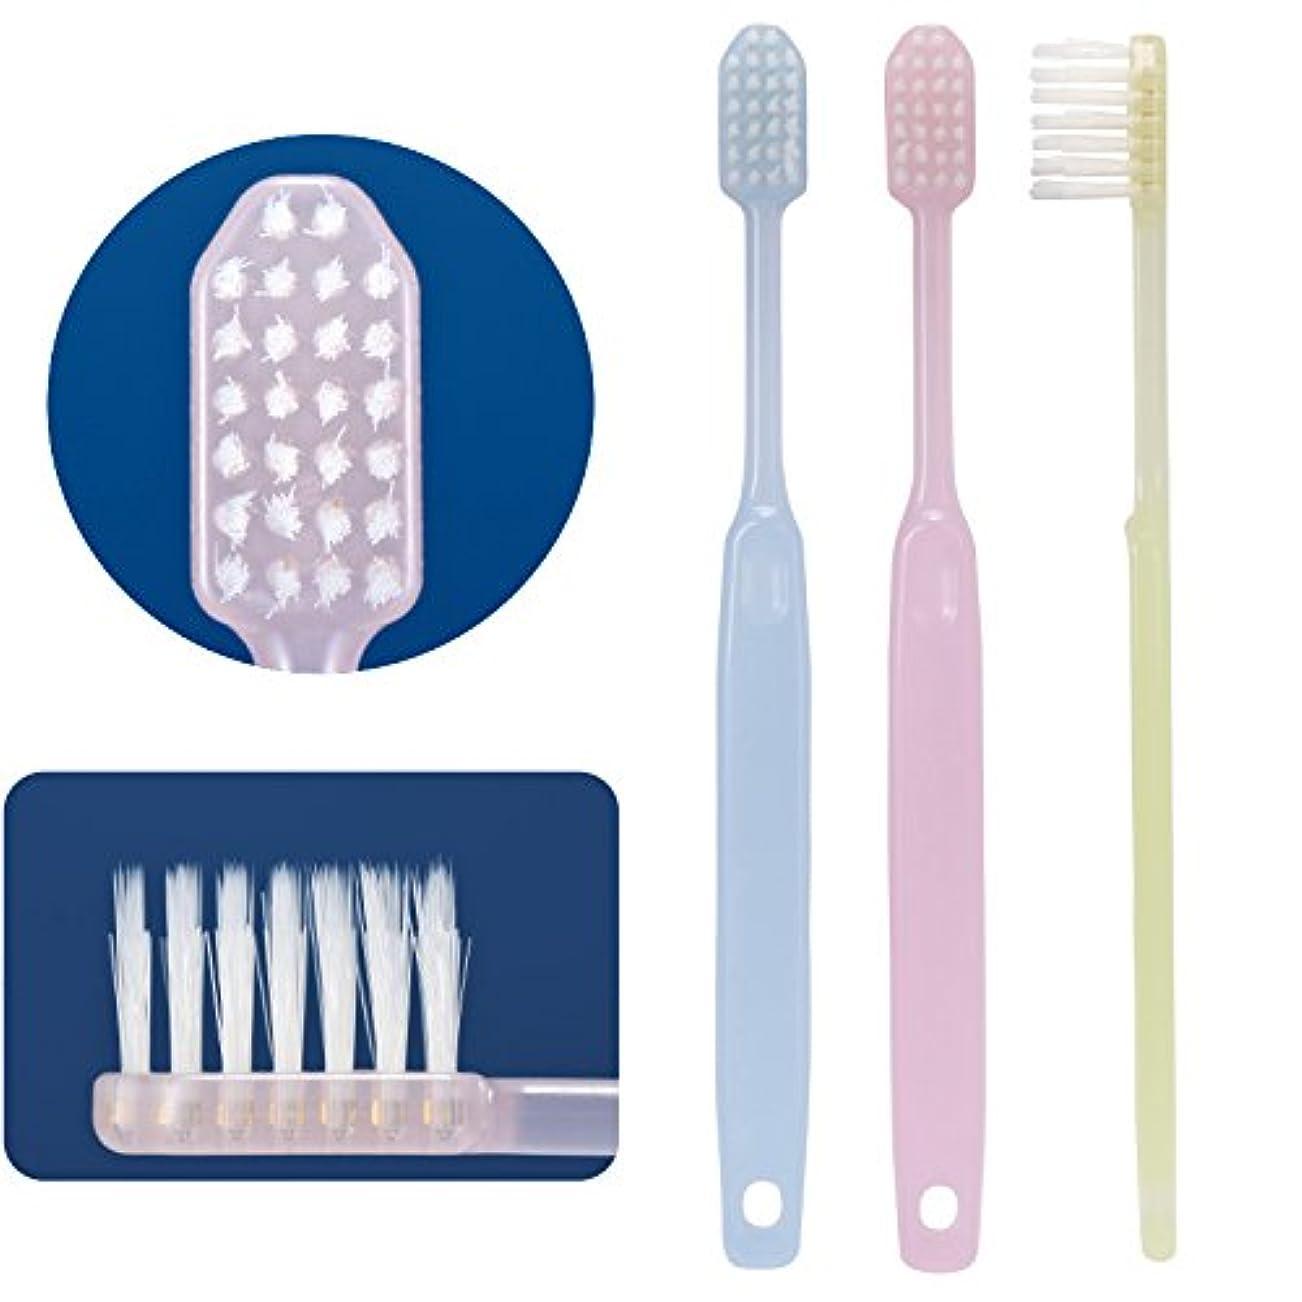 別々にメカニック正規化Ci ワイドスポット 成人男性(中高年層) 50本 (カラー指定不可) 歯科医院専売品